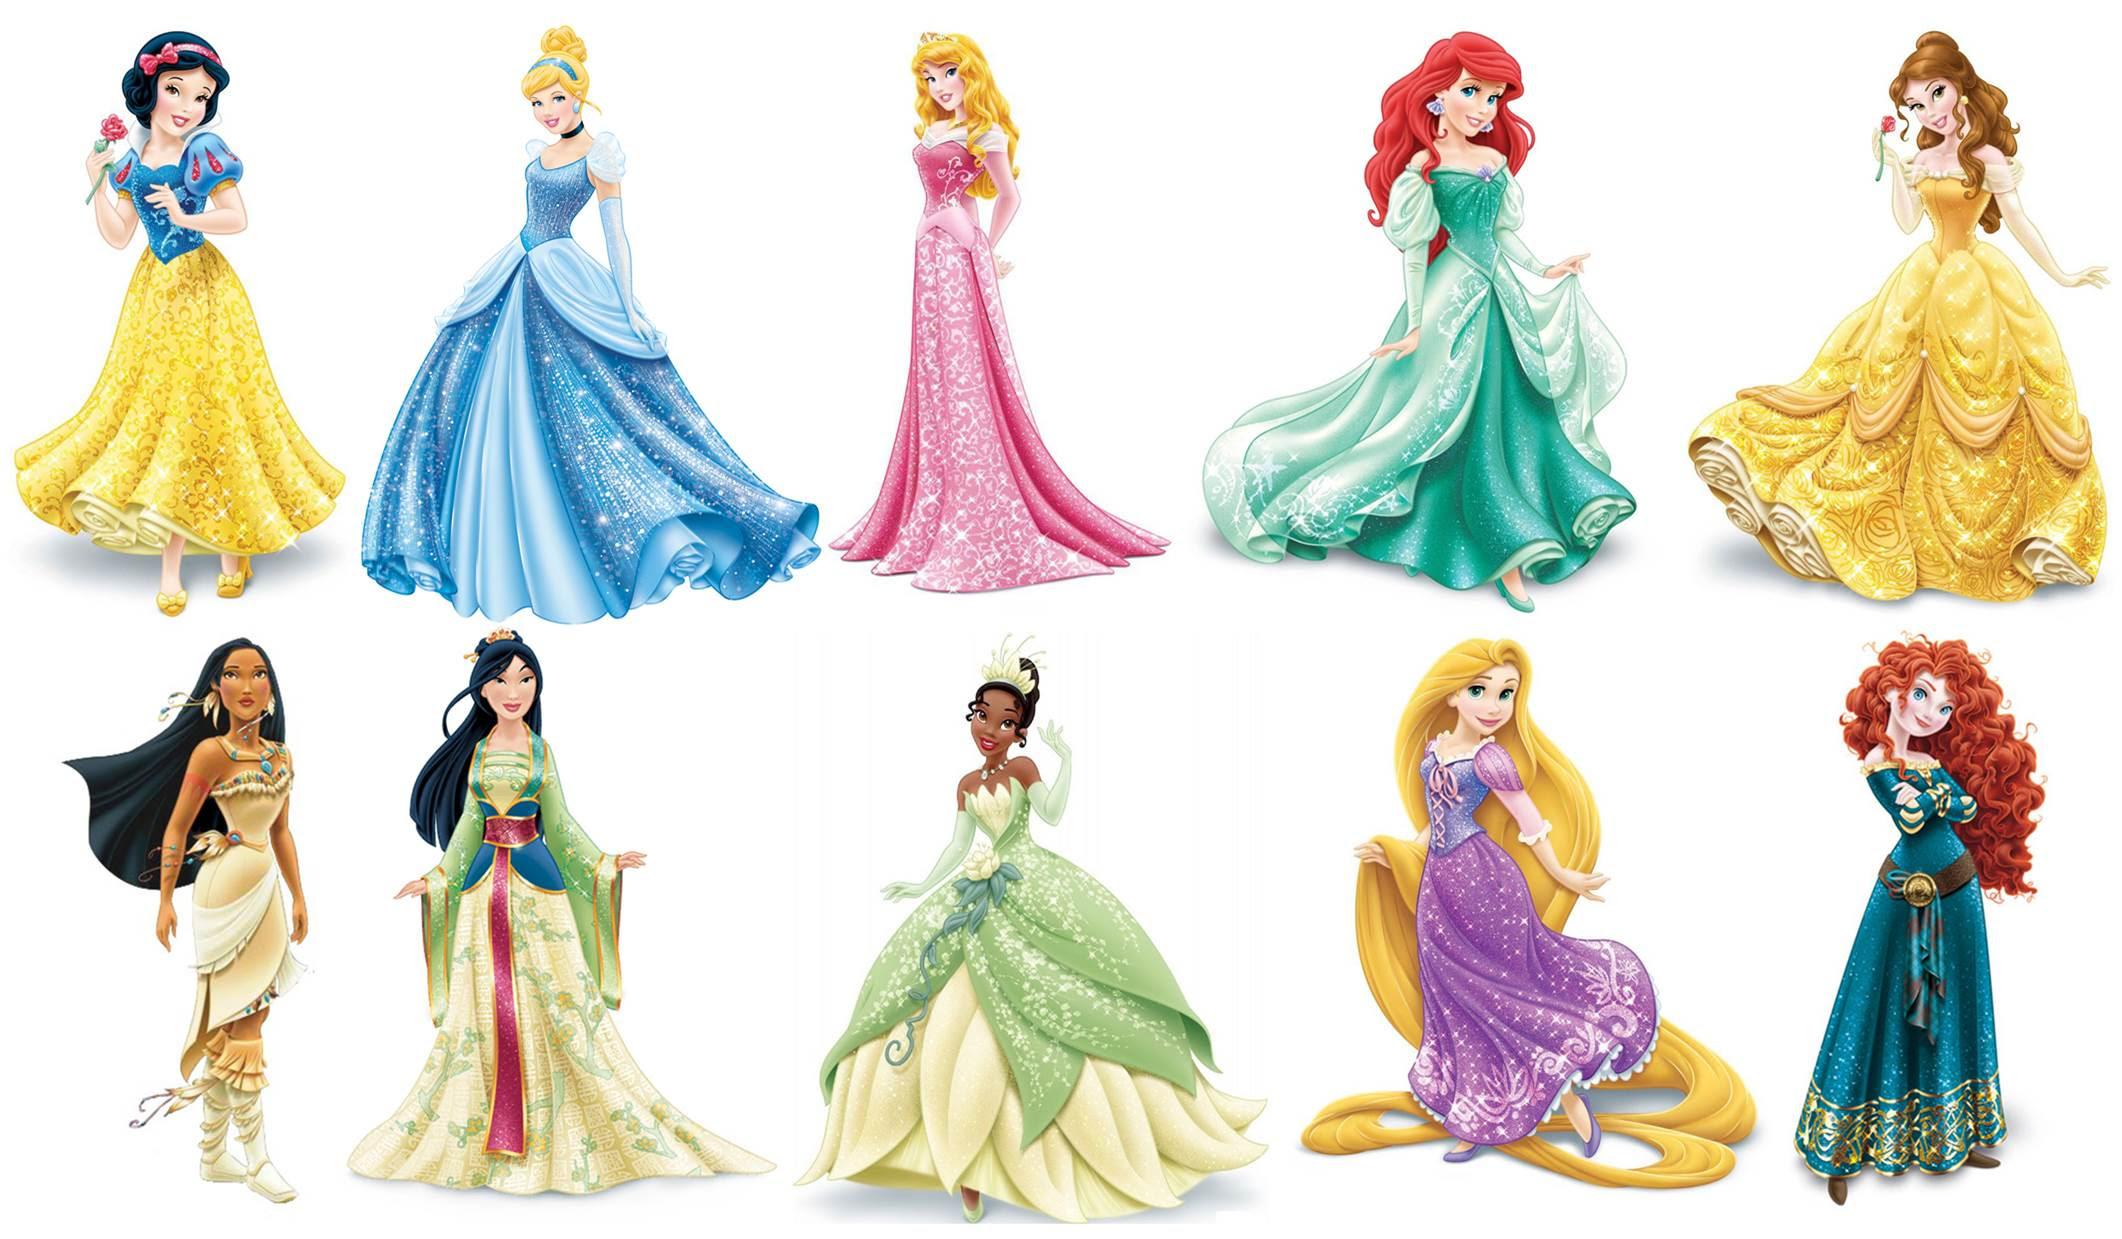 disney princesses | 2048